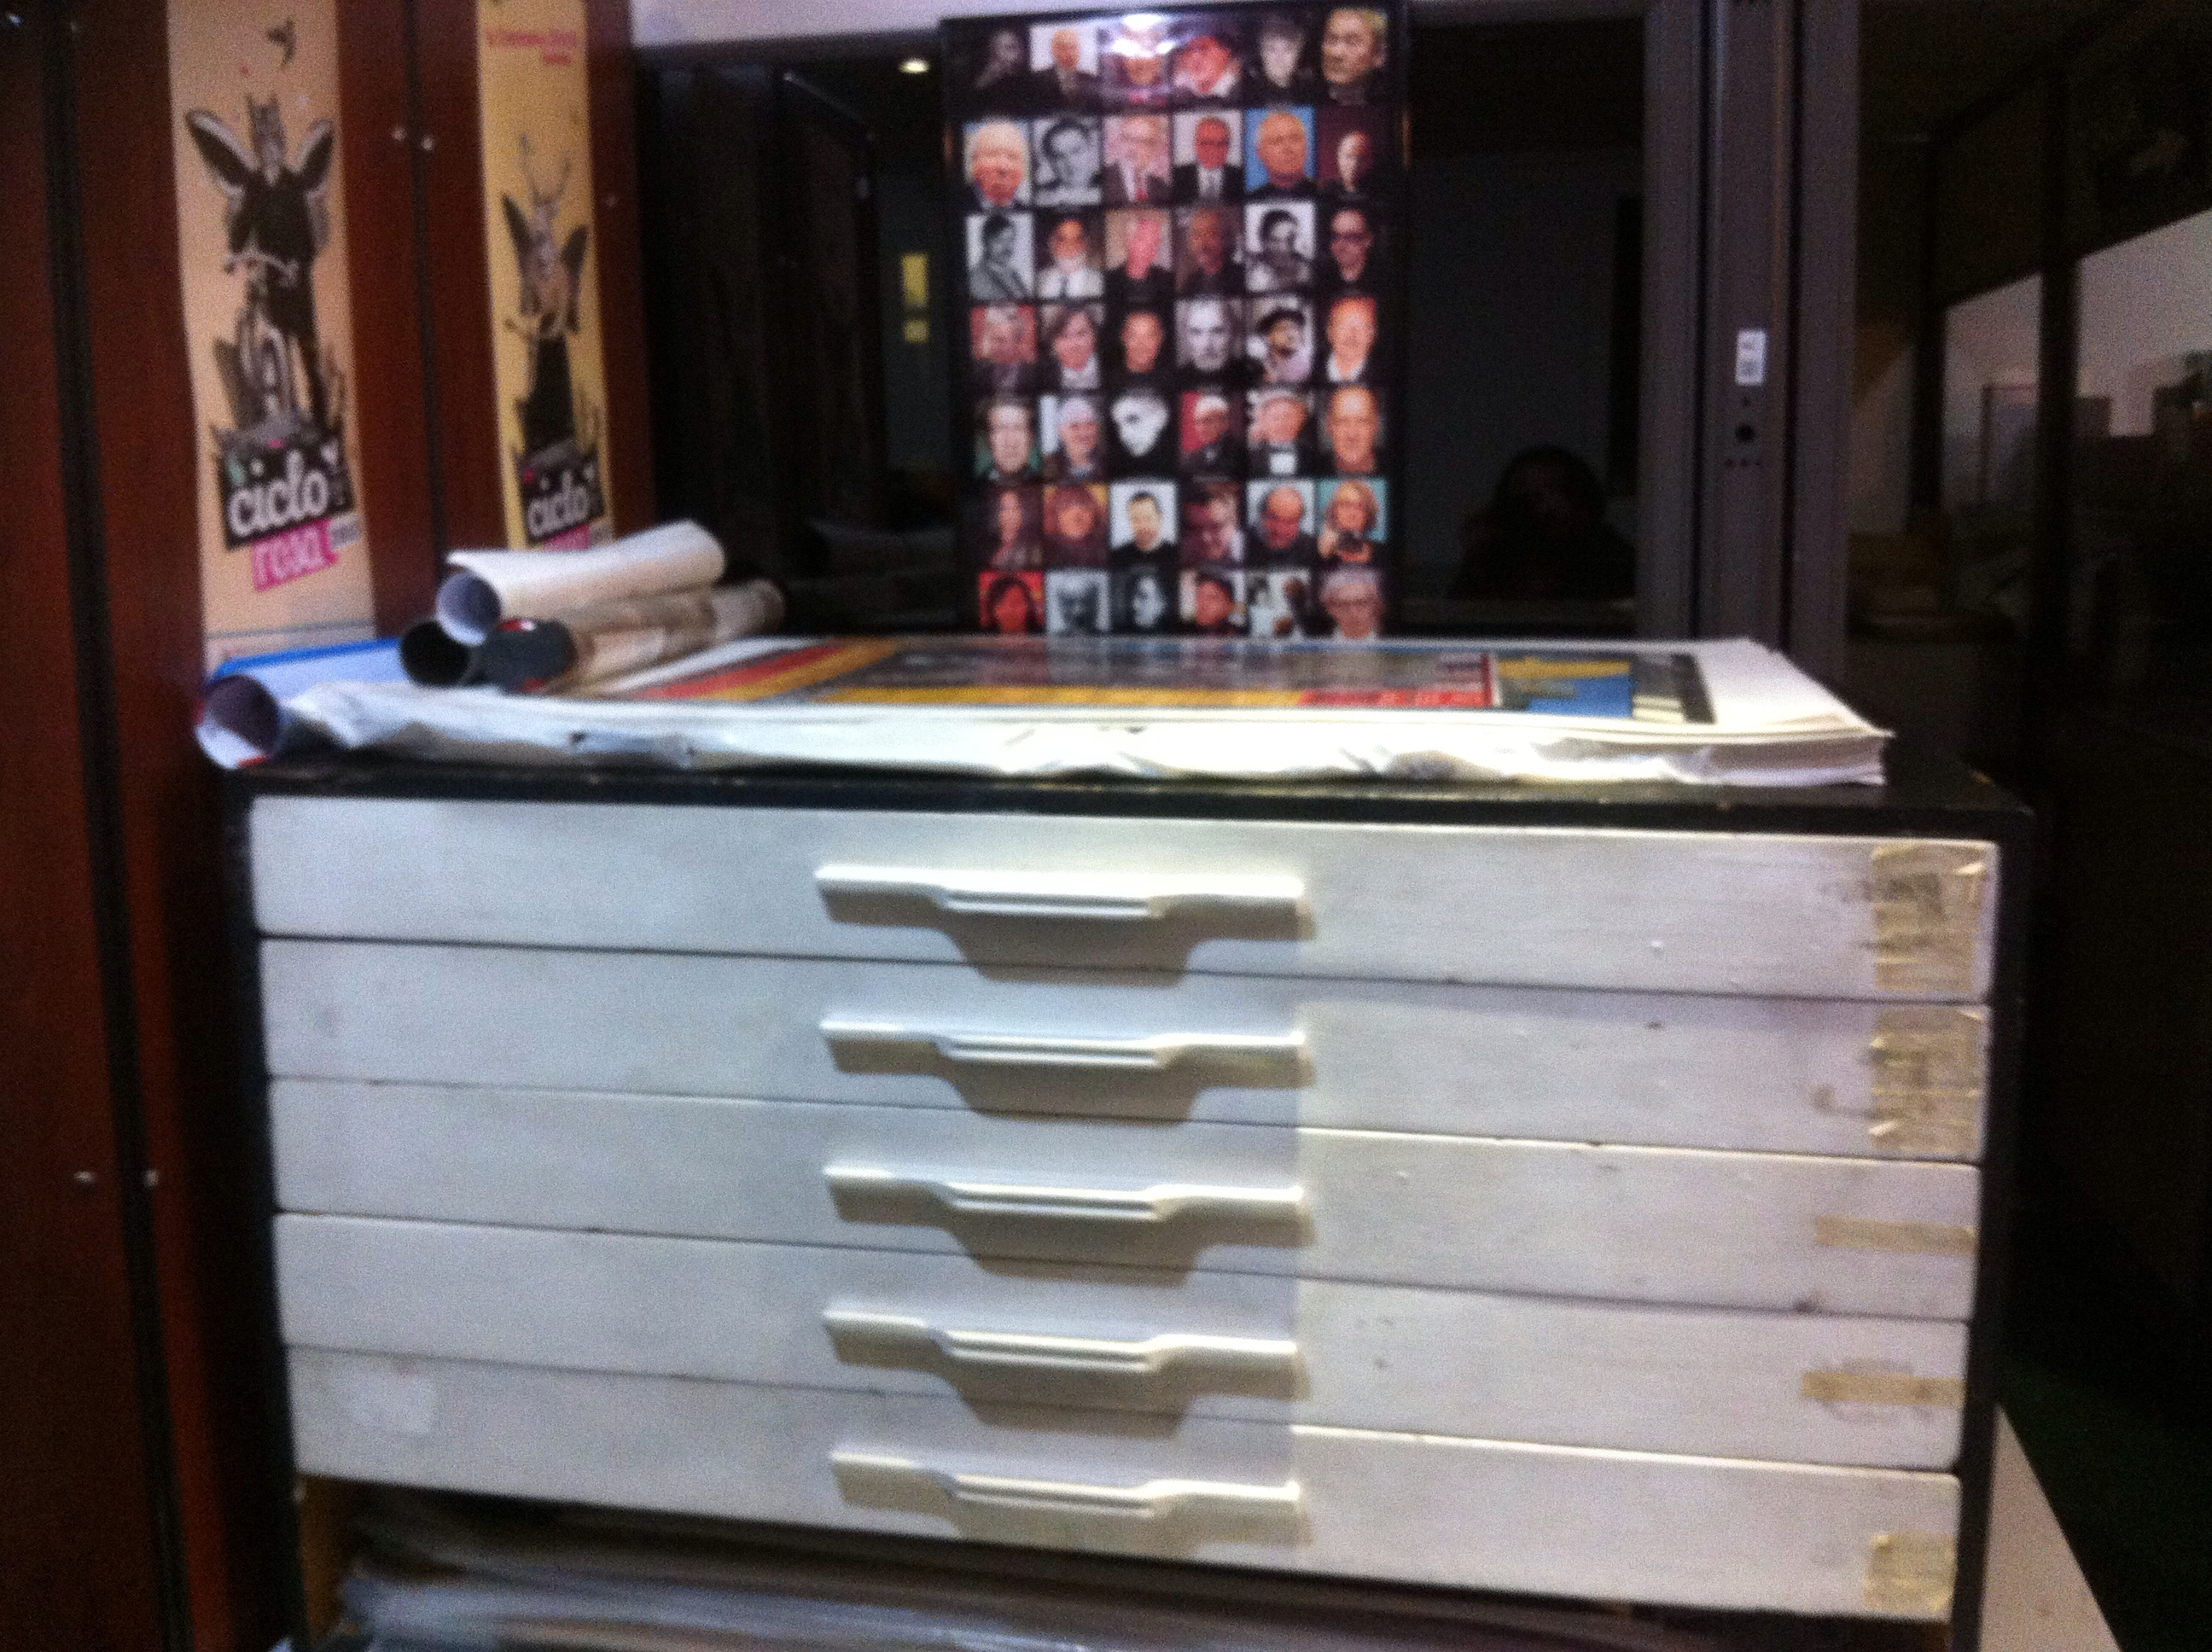 El mueble que contiene los afiches de las películas de la colección del BECMA